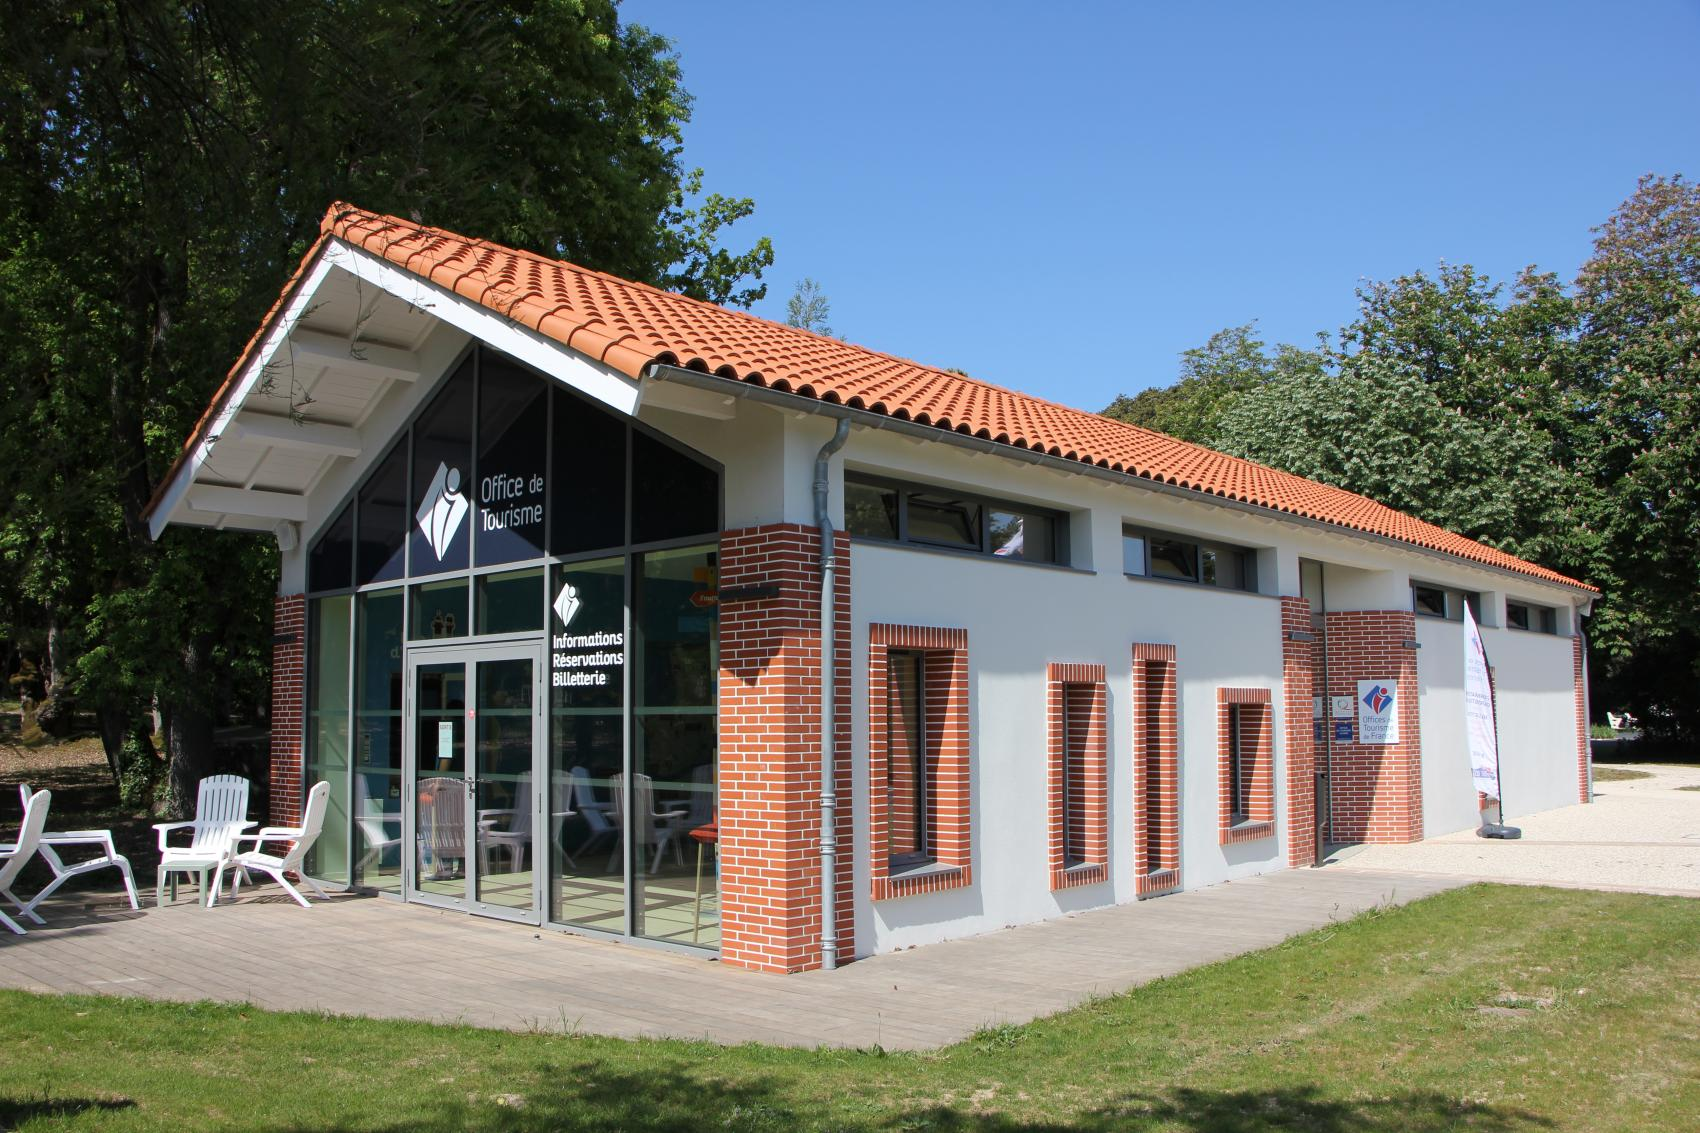 L 39 office de tourisme de fouras les bains station baln aire en charente maritime proche de rochefort - Office du tourisme de rochefort ...